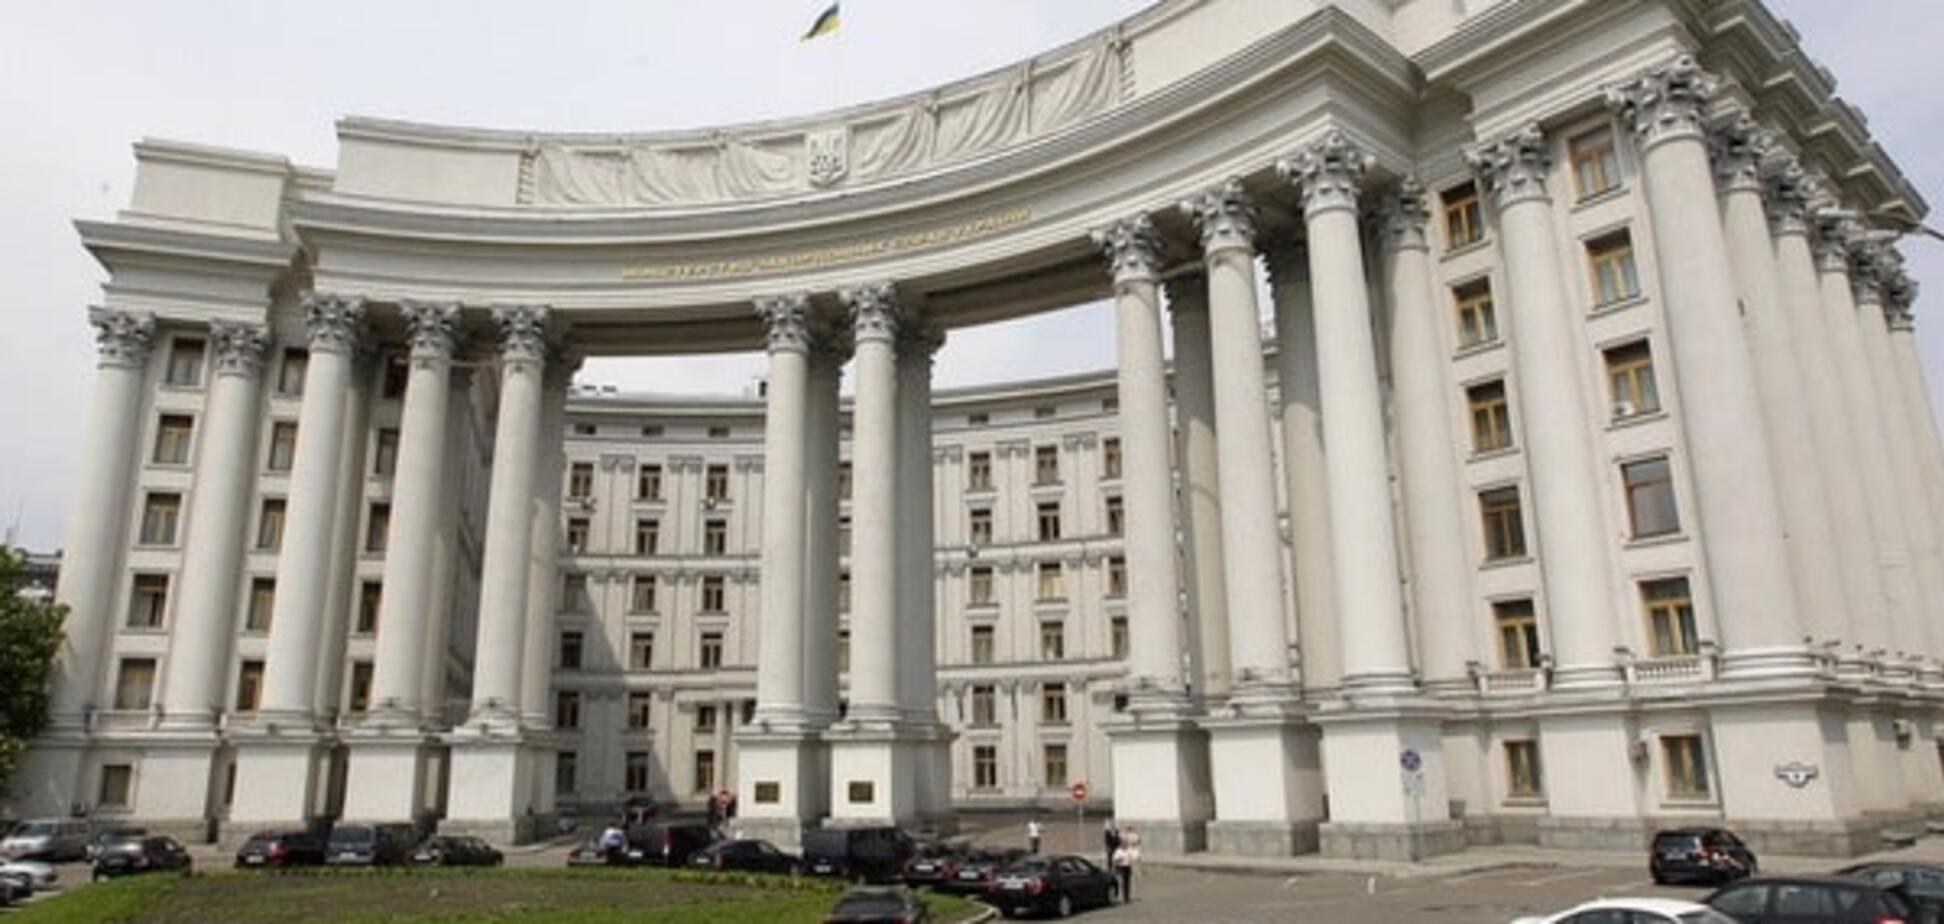 Газеты в поисках 'скелетов'. Визовые центры стали жертвой интриг против министра Климкина